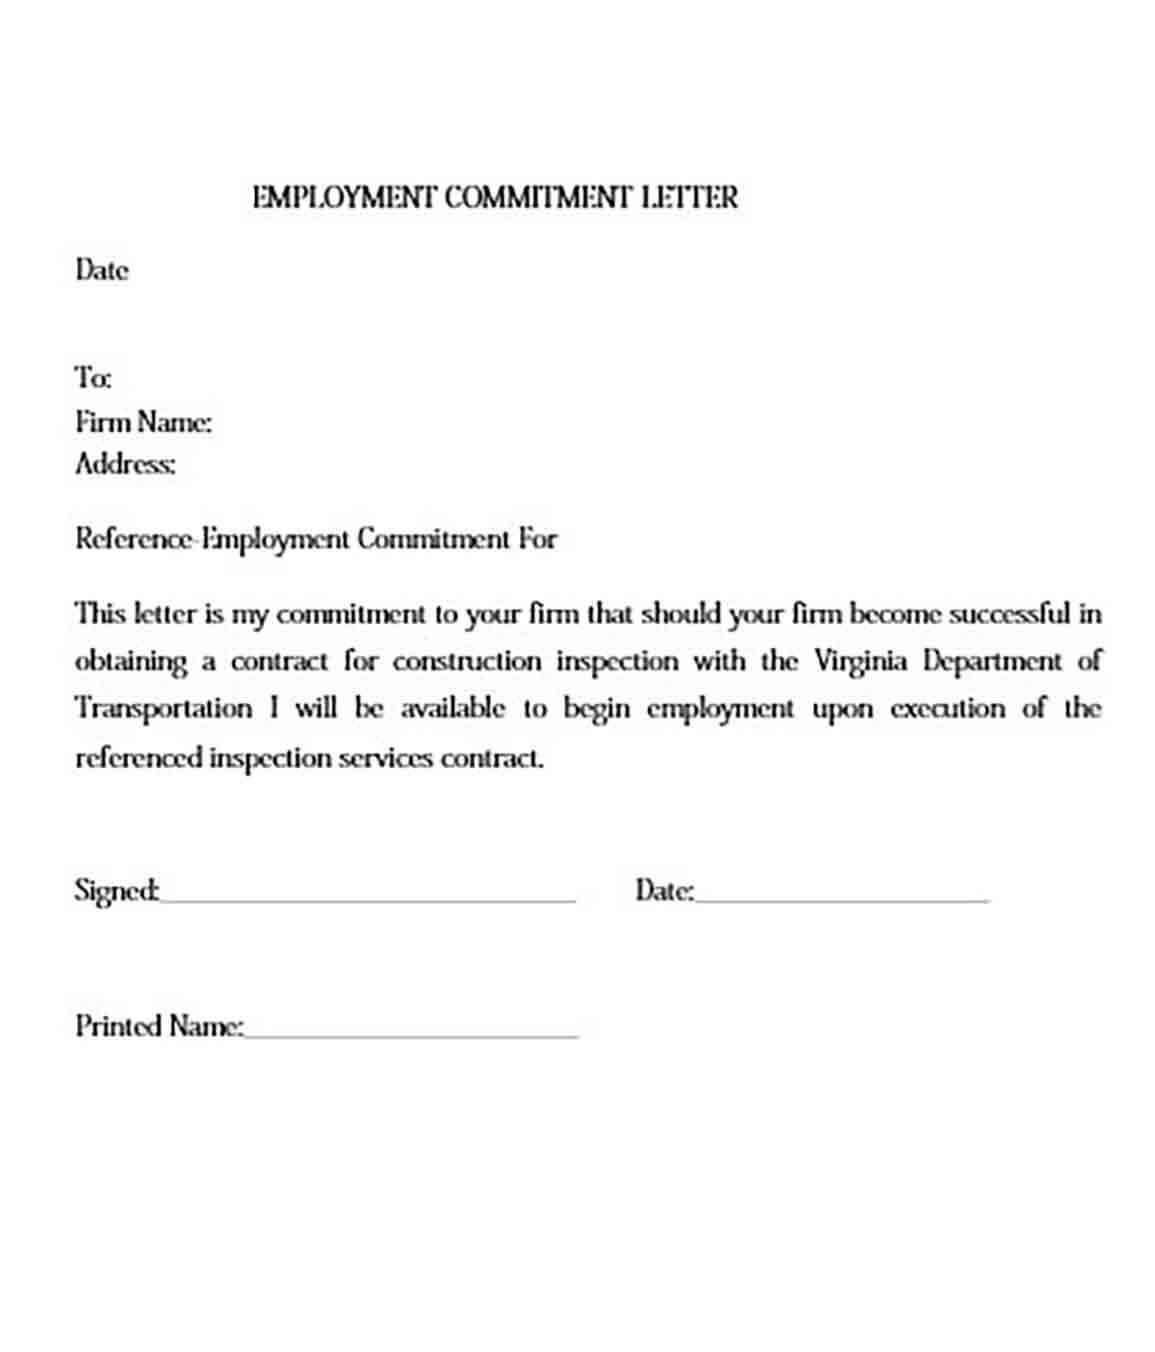 Commitment Letter